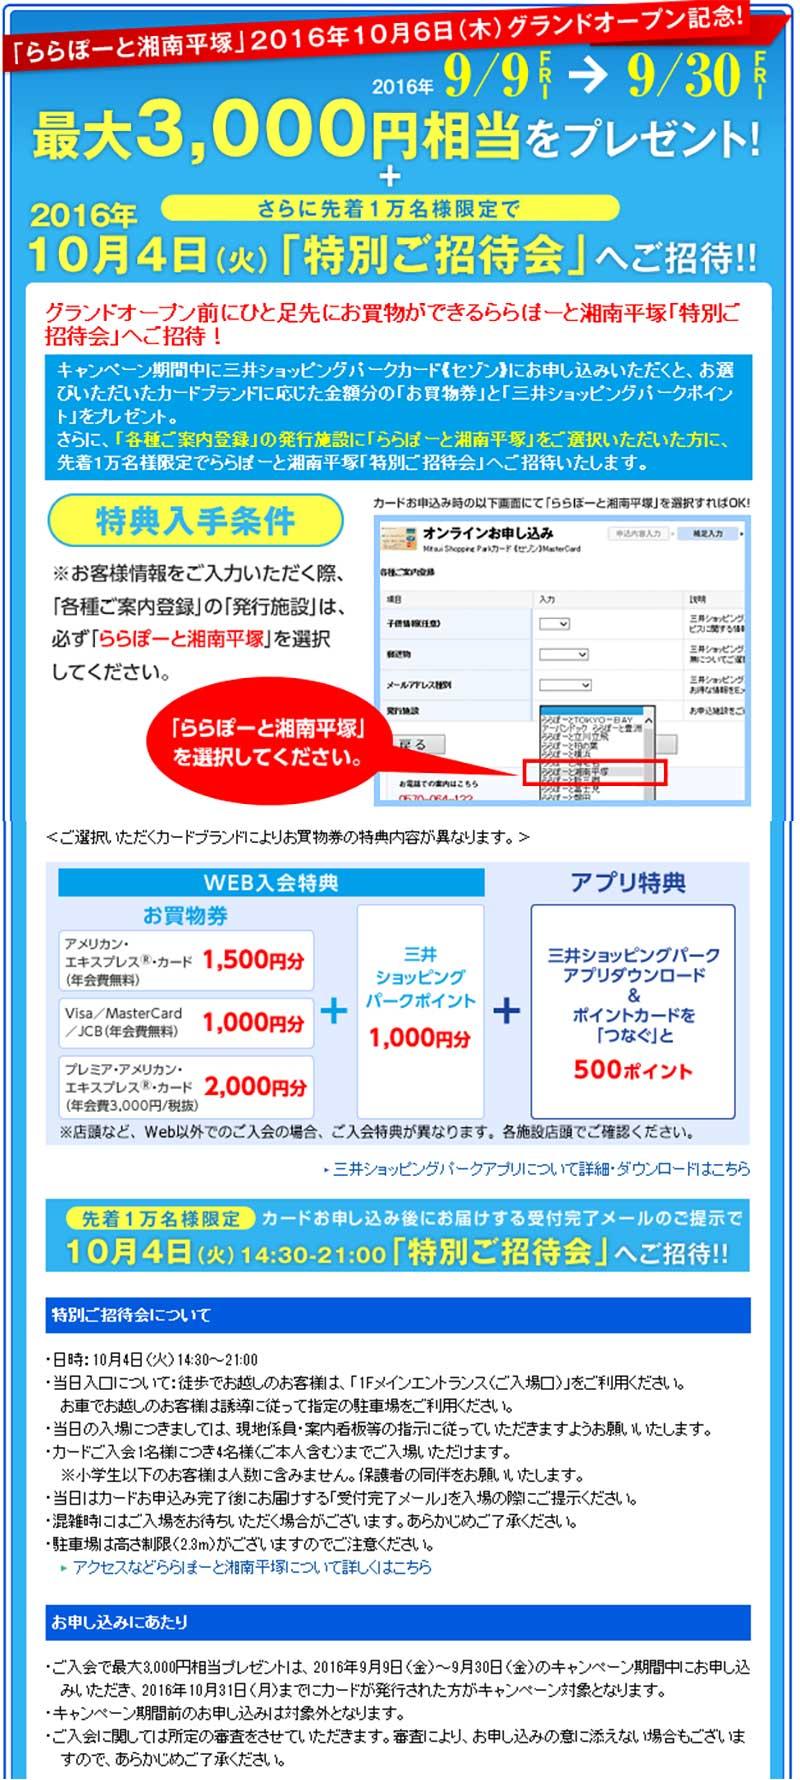 【ららぽーと湘南平塚】プレオープン10月4日に確定!3000円もプレゼント!